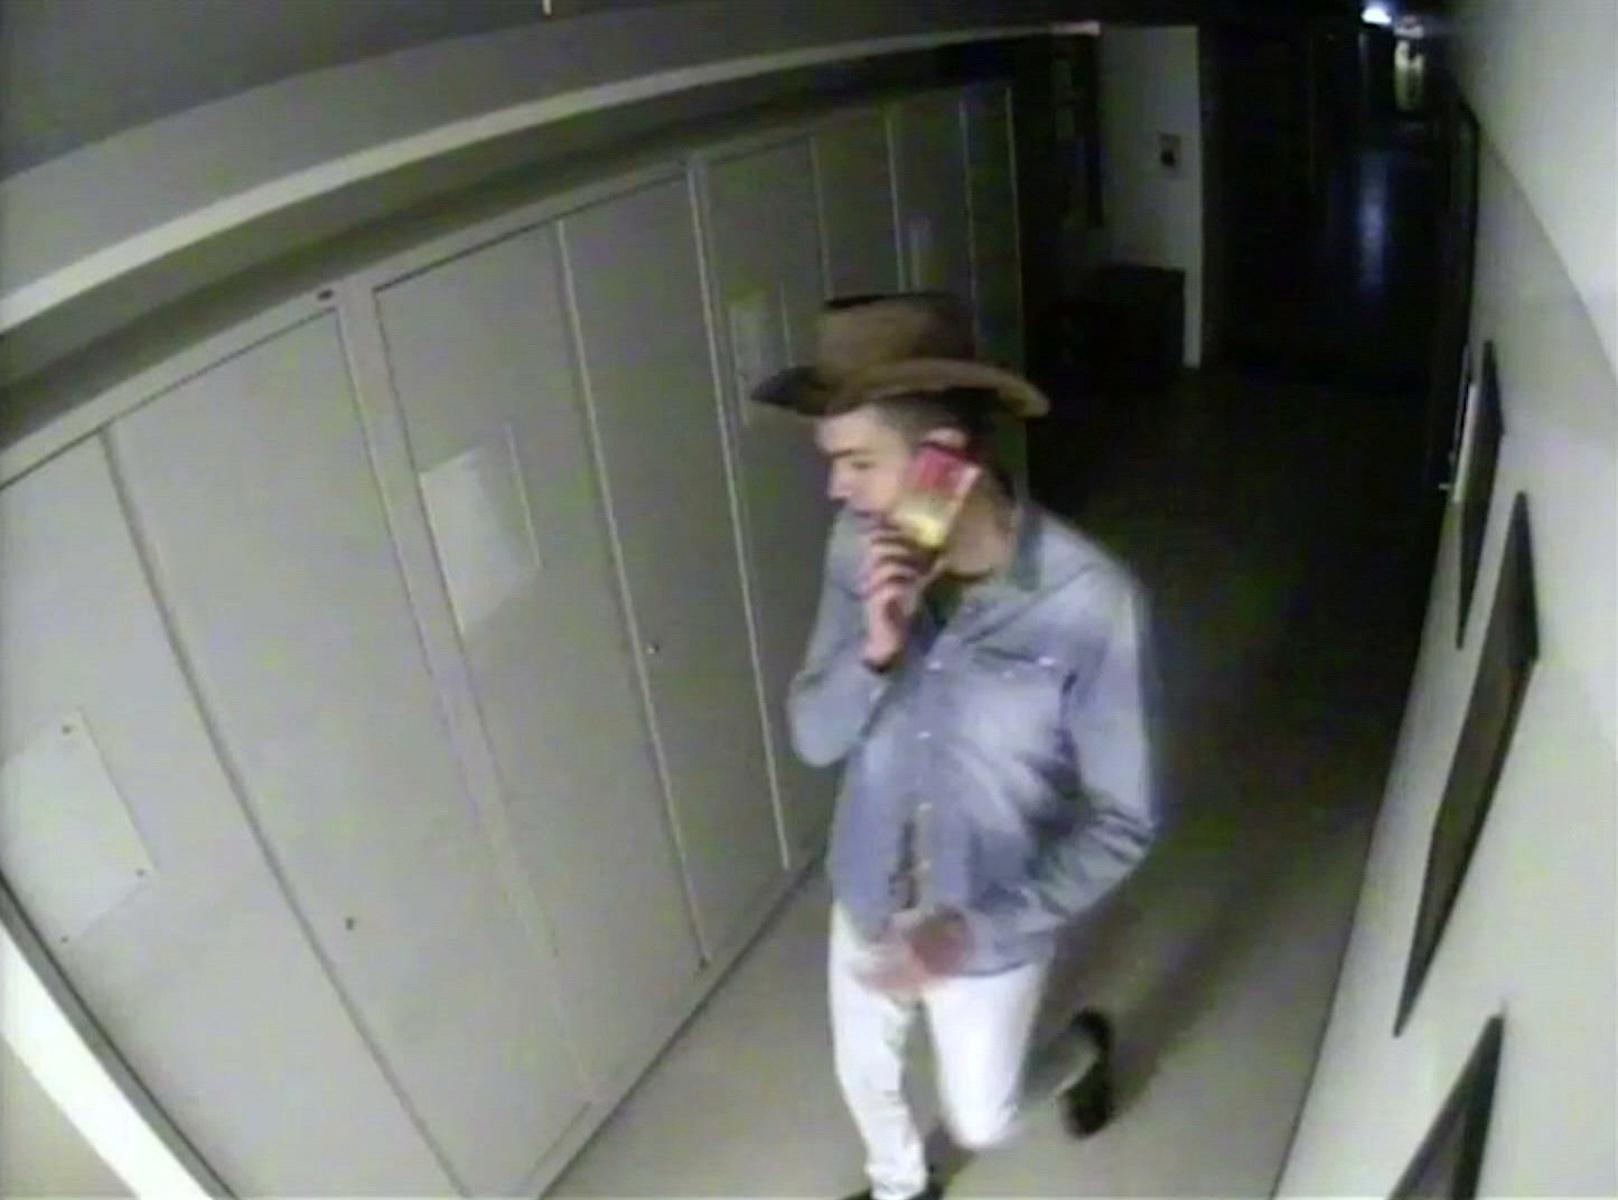 Αυστραλία: Γερμανός φοιτητής διέρρηξε μουσείο για μια σέλφι και έφυγε με καπέλο καουμπόι